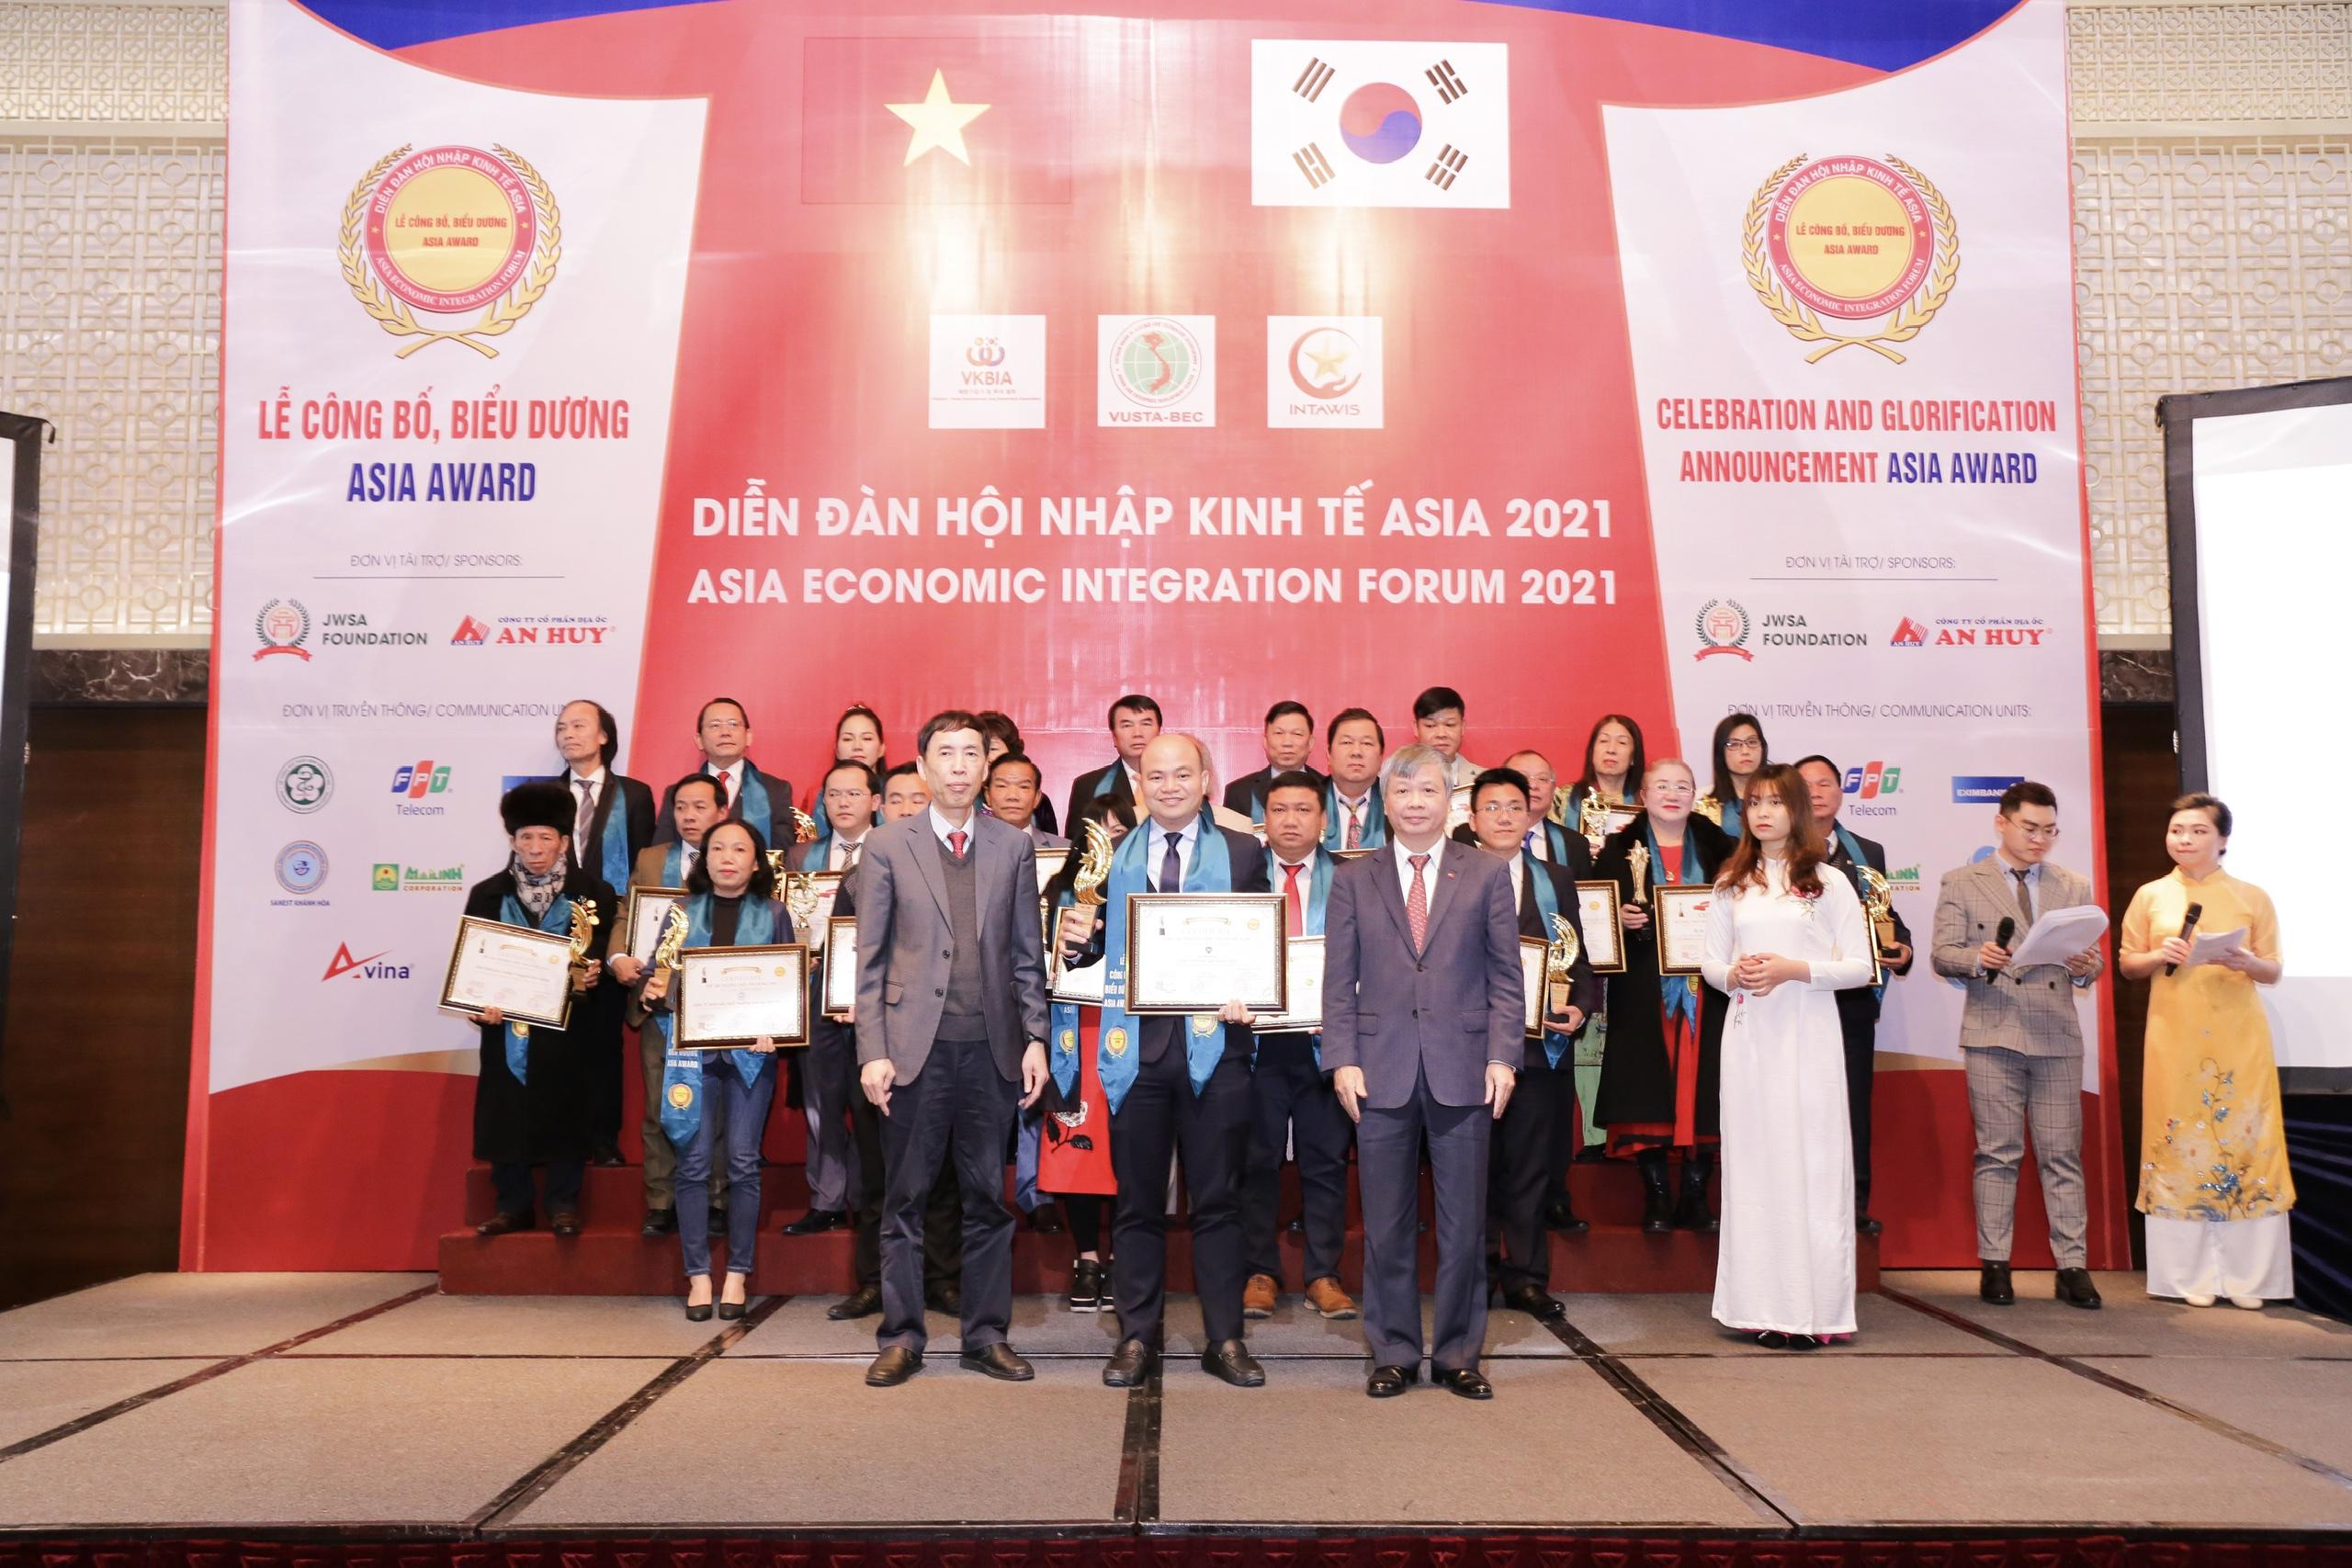 Ông Sử Duy Bin - CEO Nha khoa Kim (giữa) nhận chứng nhận giải thưởng